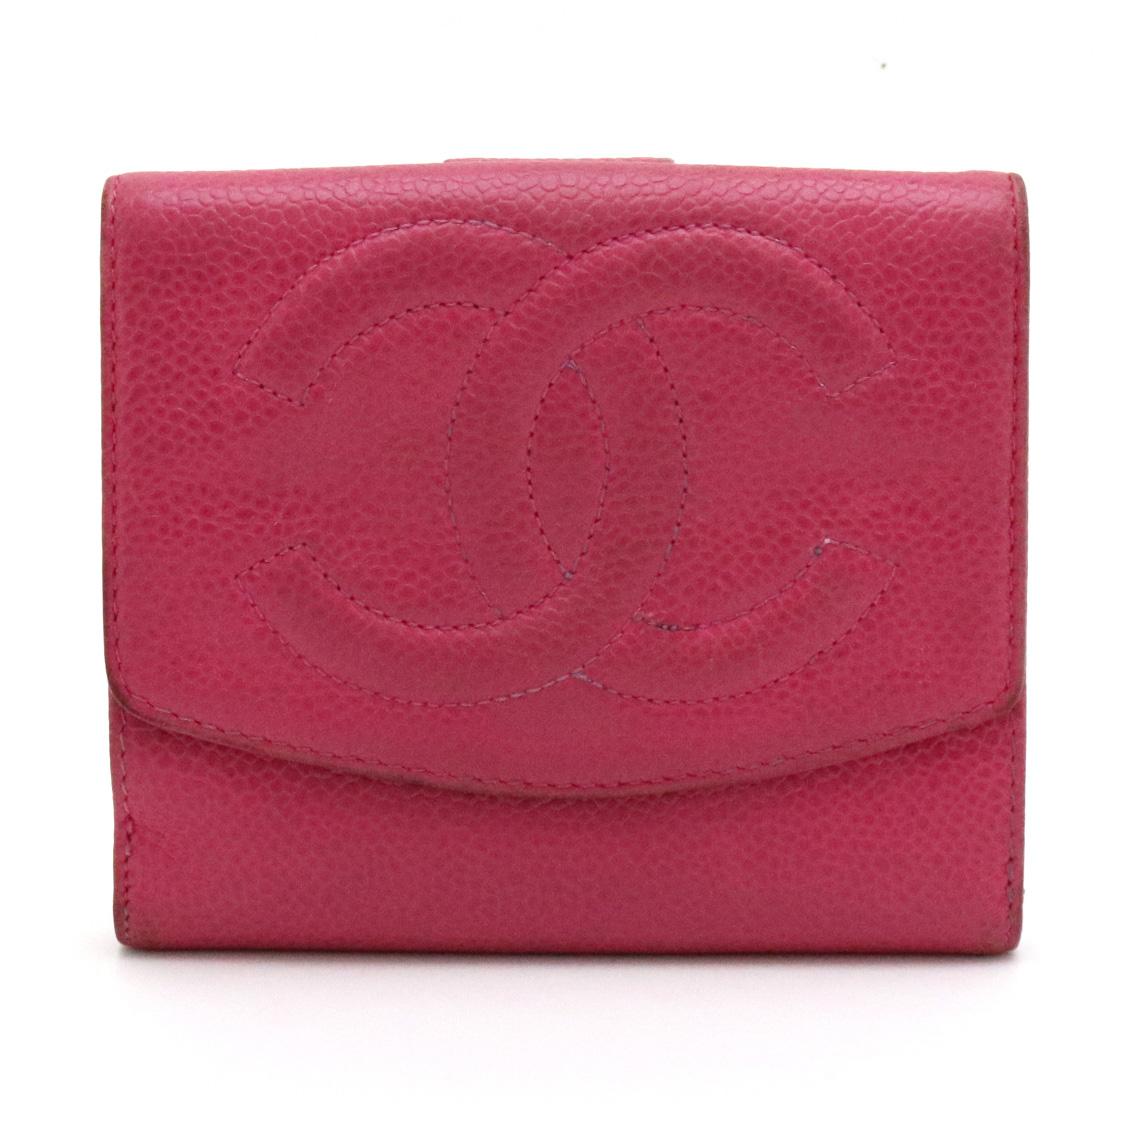 【財布】CHANEL シャネル キャビアスキン ココマーク 2つ折 二つ折り Wホック財布 ダブルホック レザー フューシャ ピンク 赤紫系 A13496 【中古】